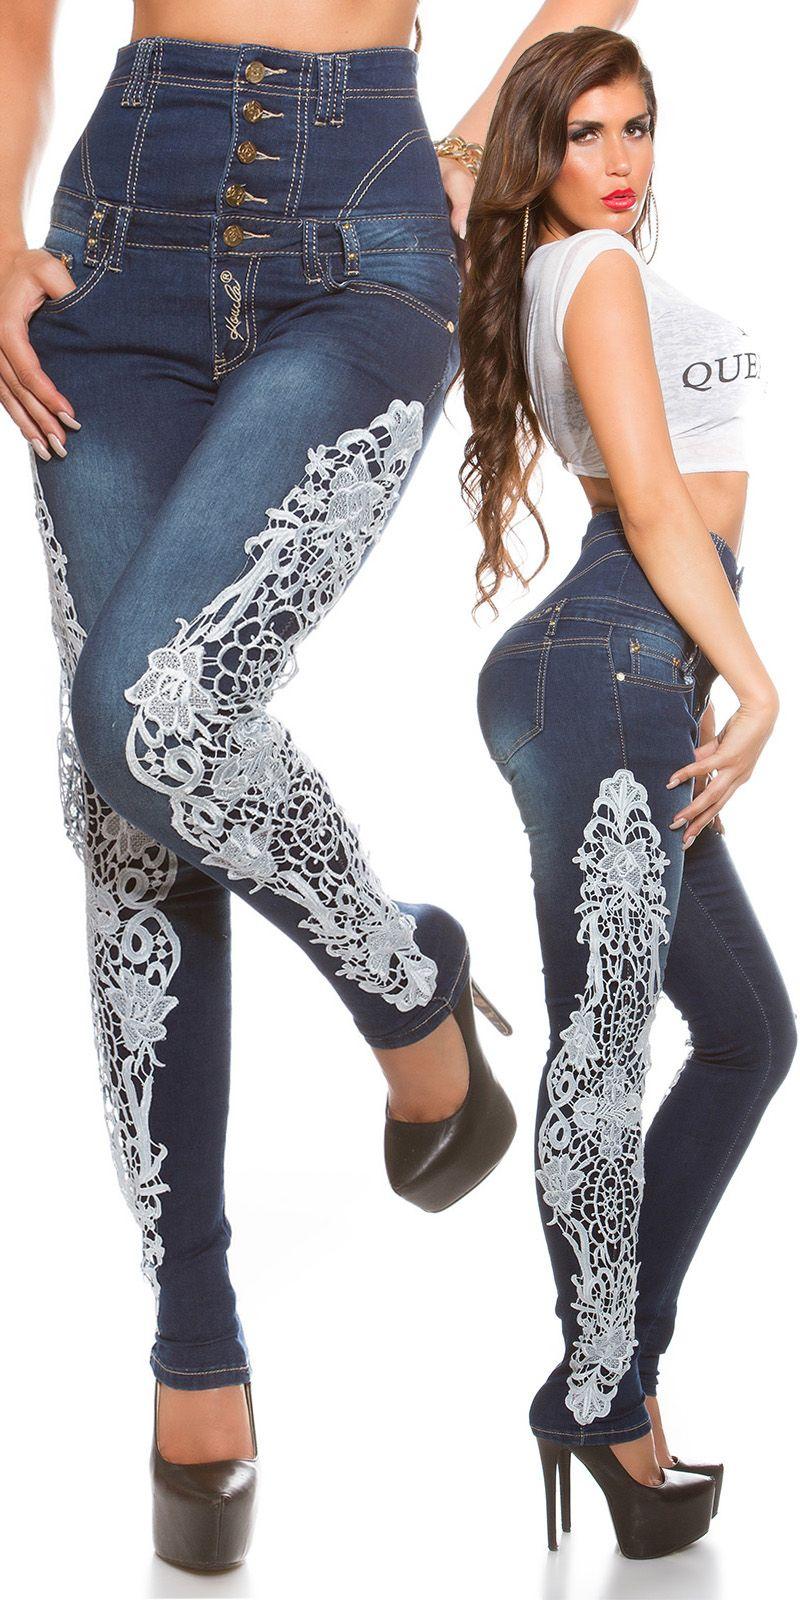 Jeans a vita alta con pizzo  Jeans cocktail con push-up. Taglia s.  https://www.lorcastyle.it